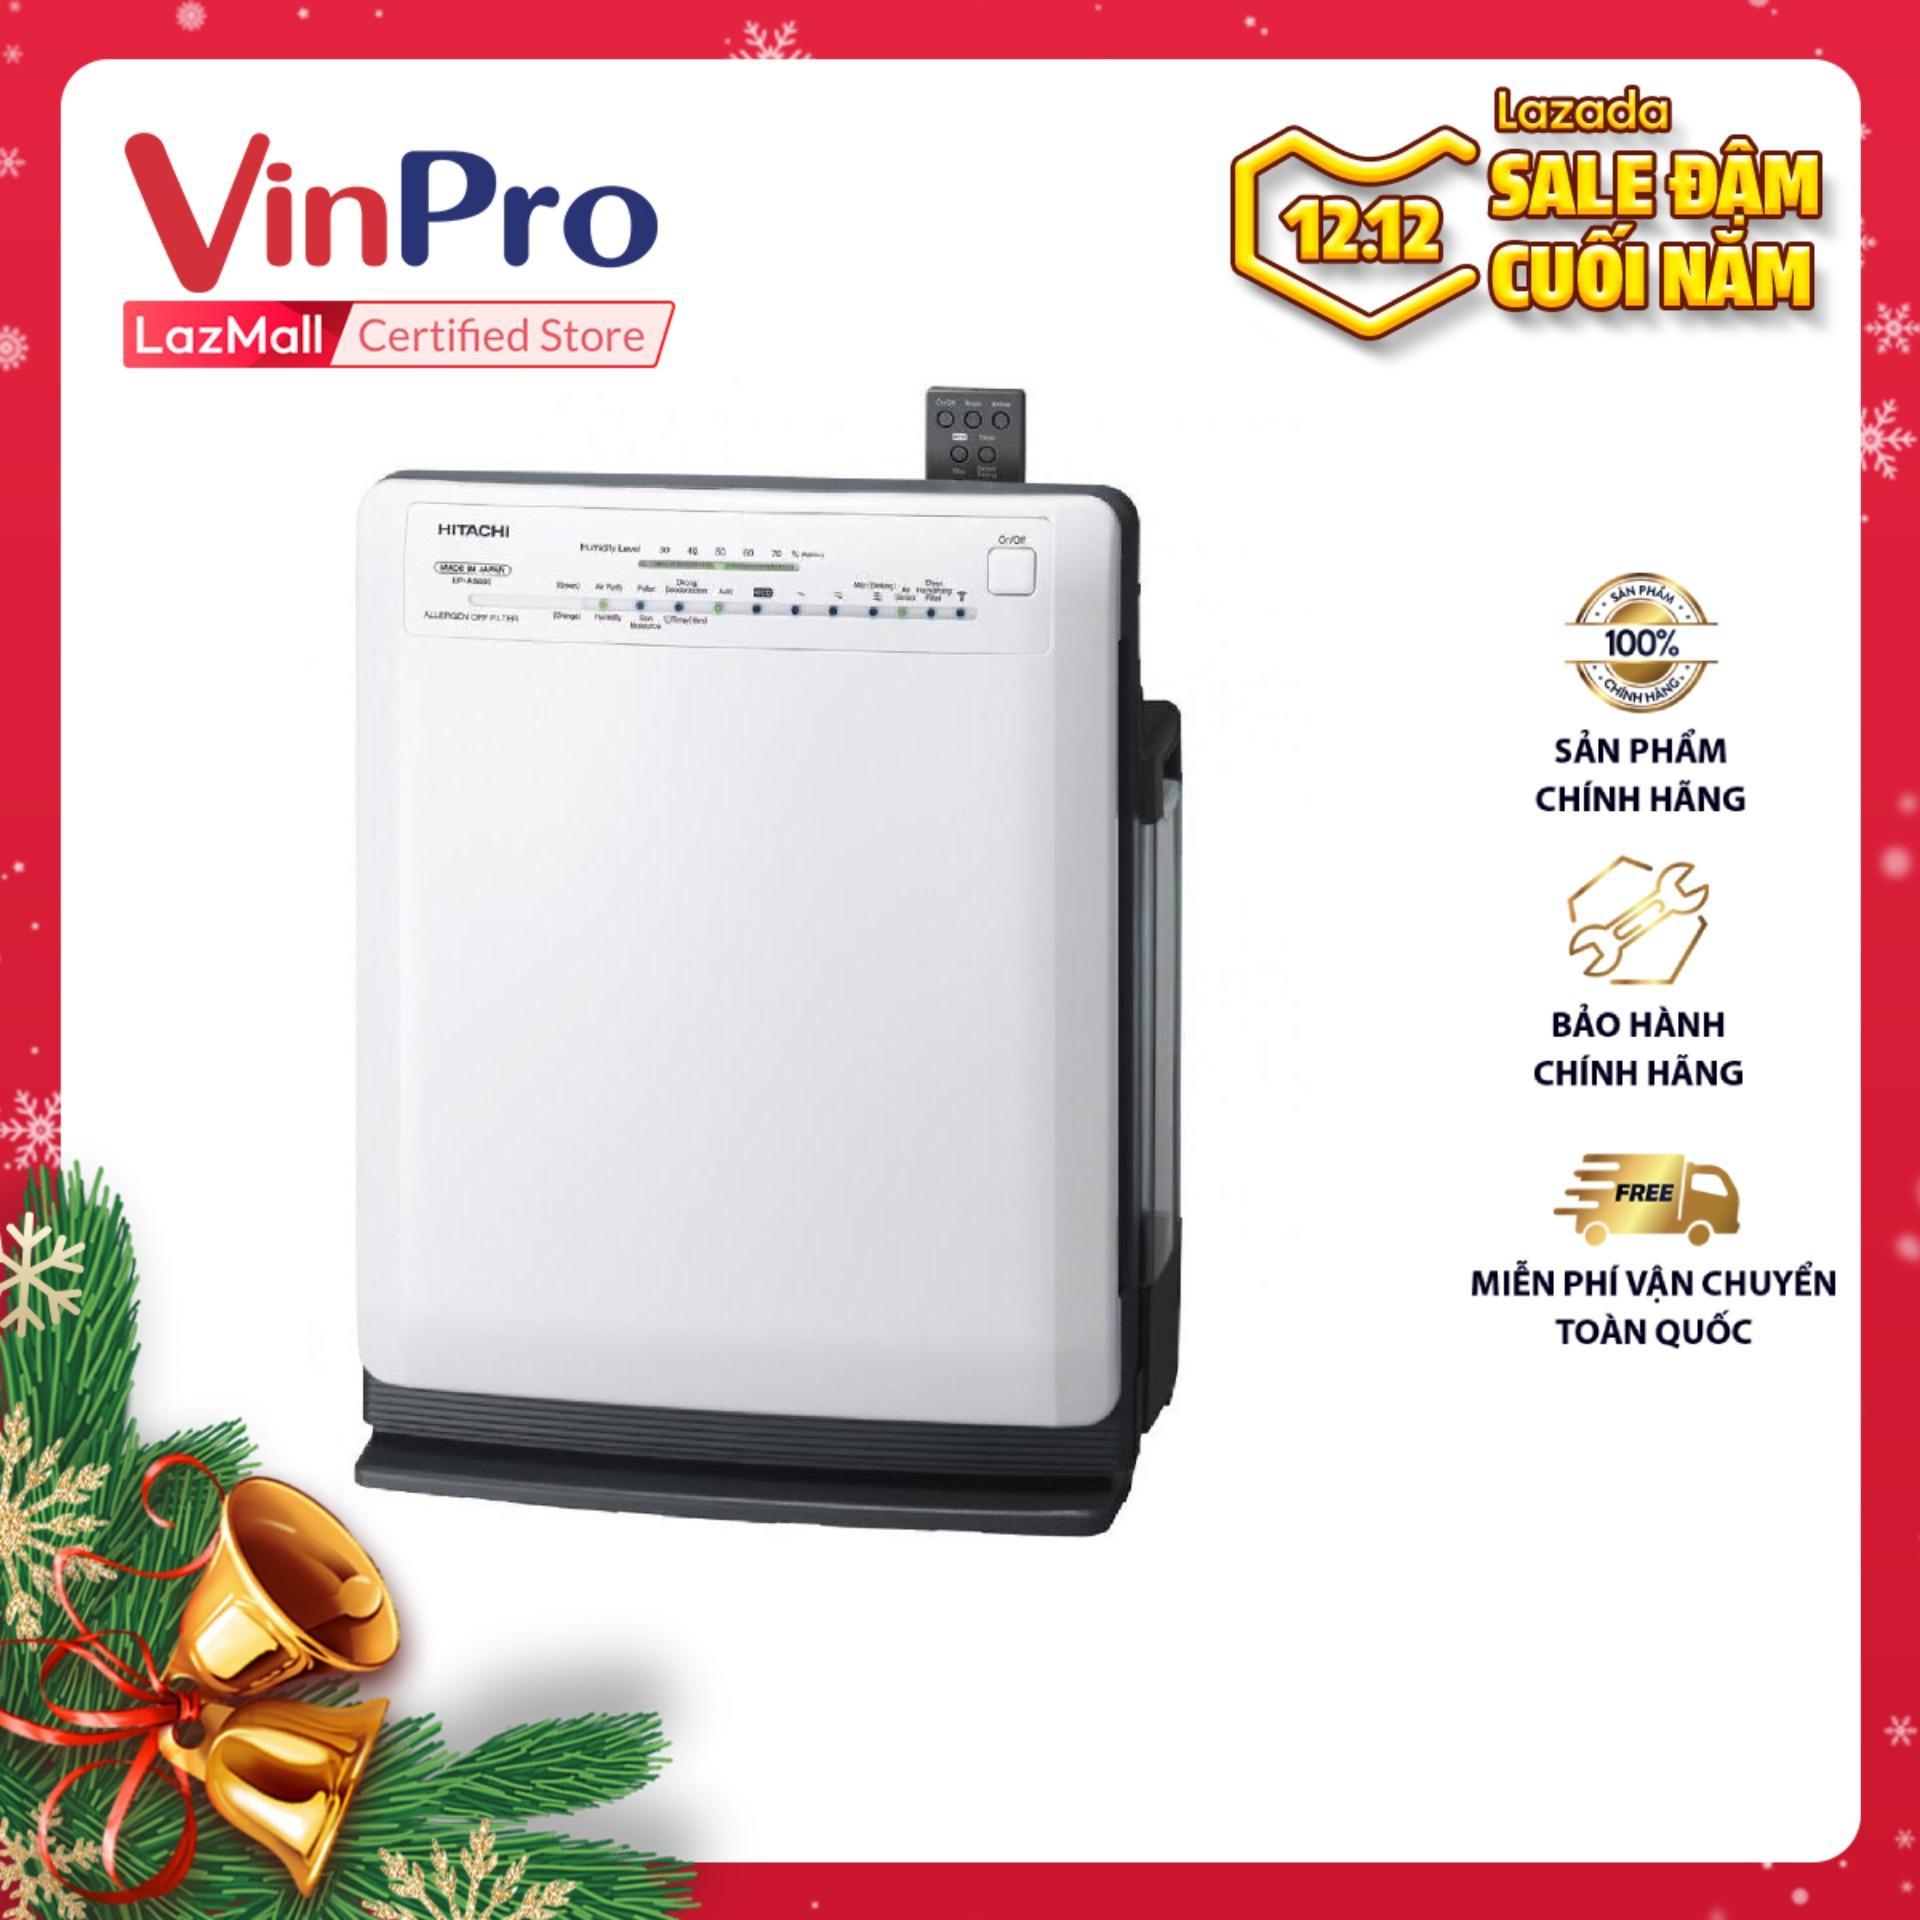 Bảng giá Máy lọc không khí Hitachi EP-P50J - Hàng chính hãng - Công suất tạo ẩm 520ml/h, cảm biến mùi và độ ẩm, bộ lọc khử mùi chống dị ứng